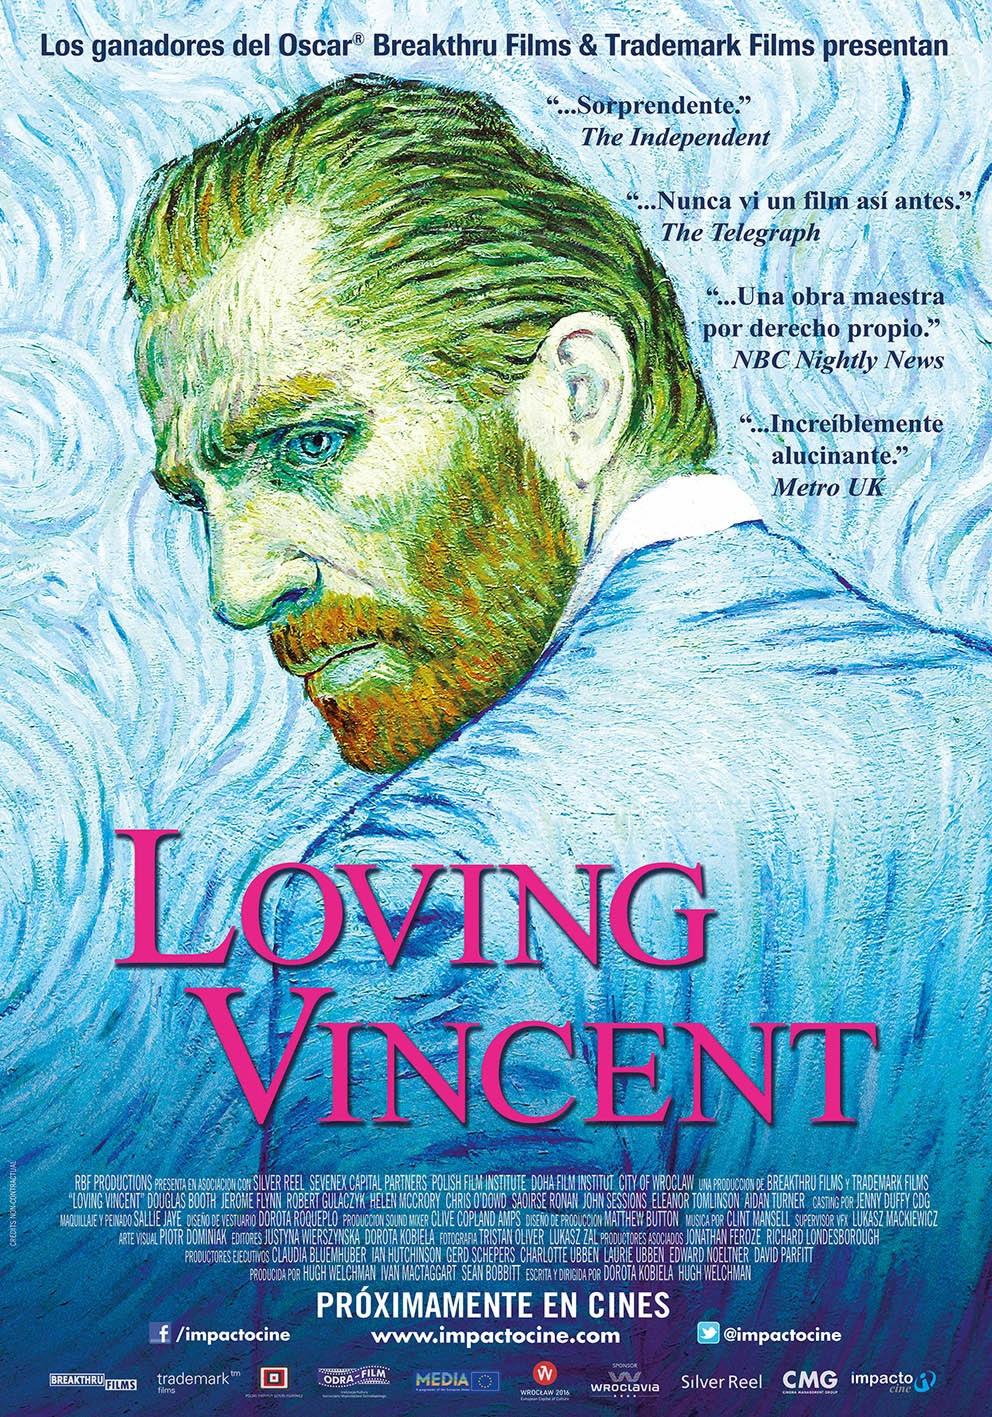 Loving Vicente: Una realización a puro arte